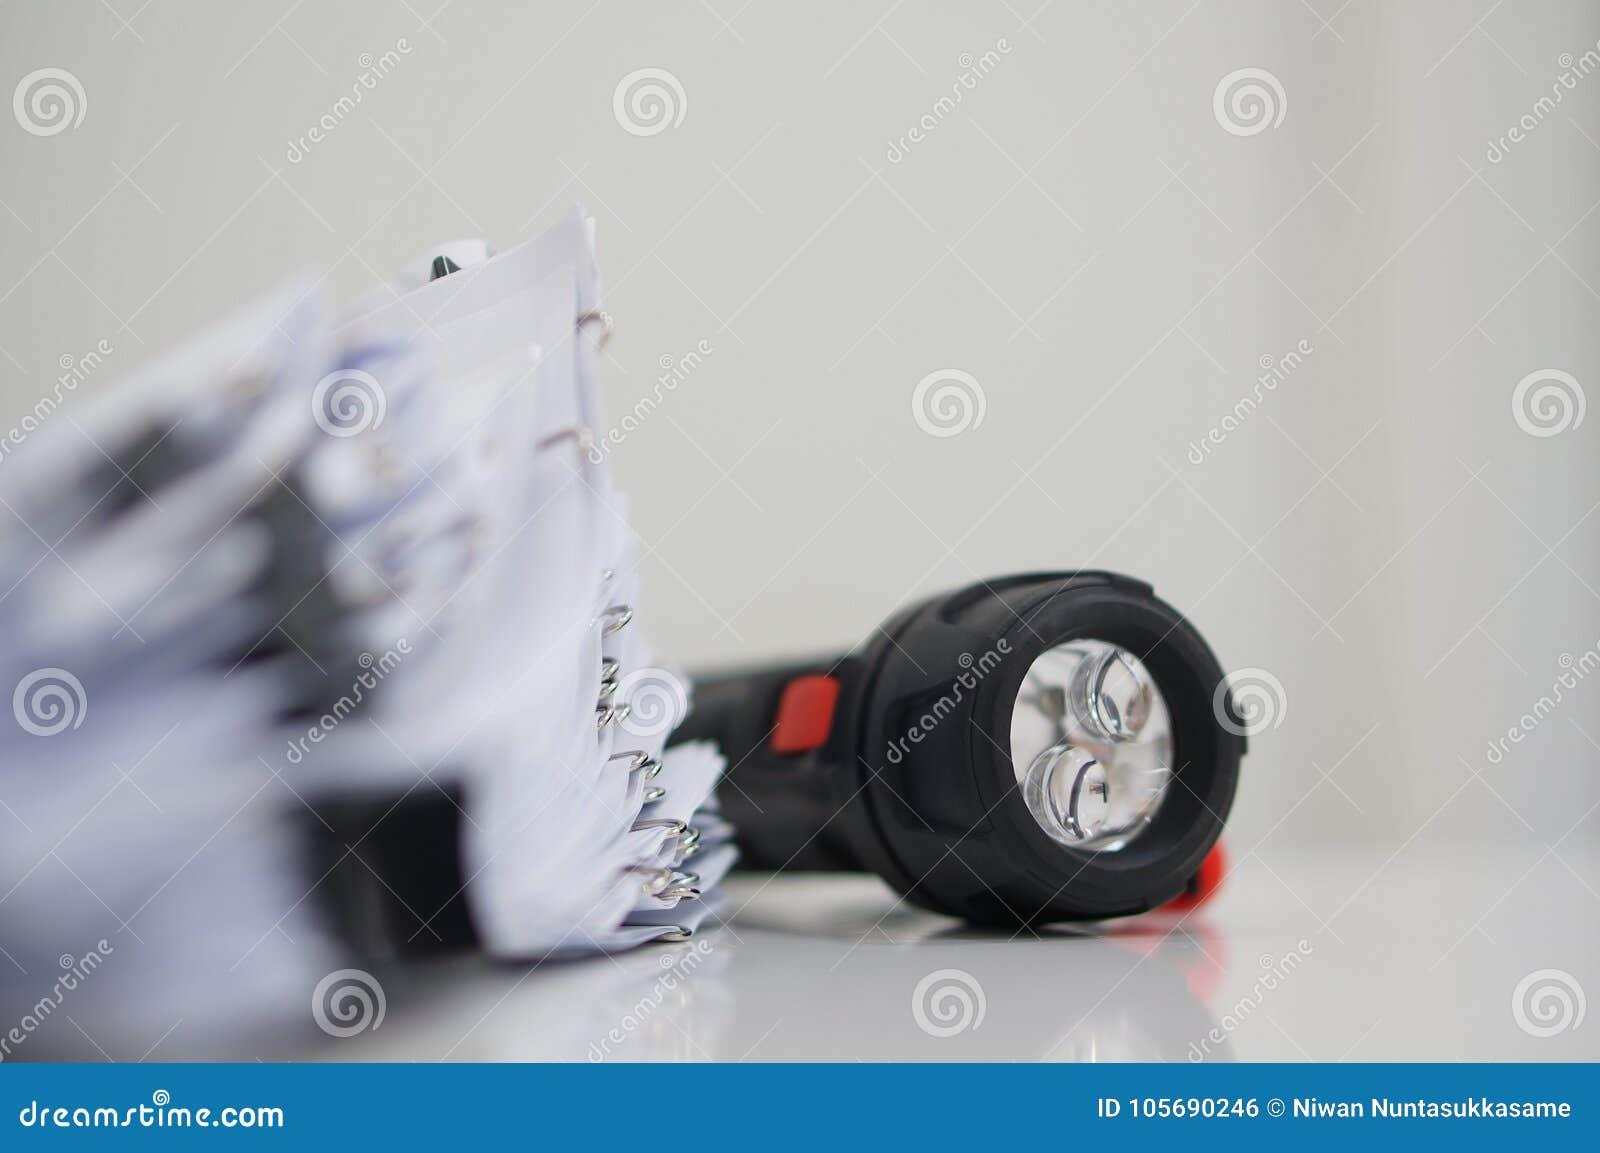 Oavslutat dokument med gem på skrivbordet för rapport och ficklampa